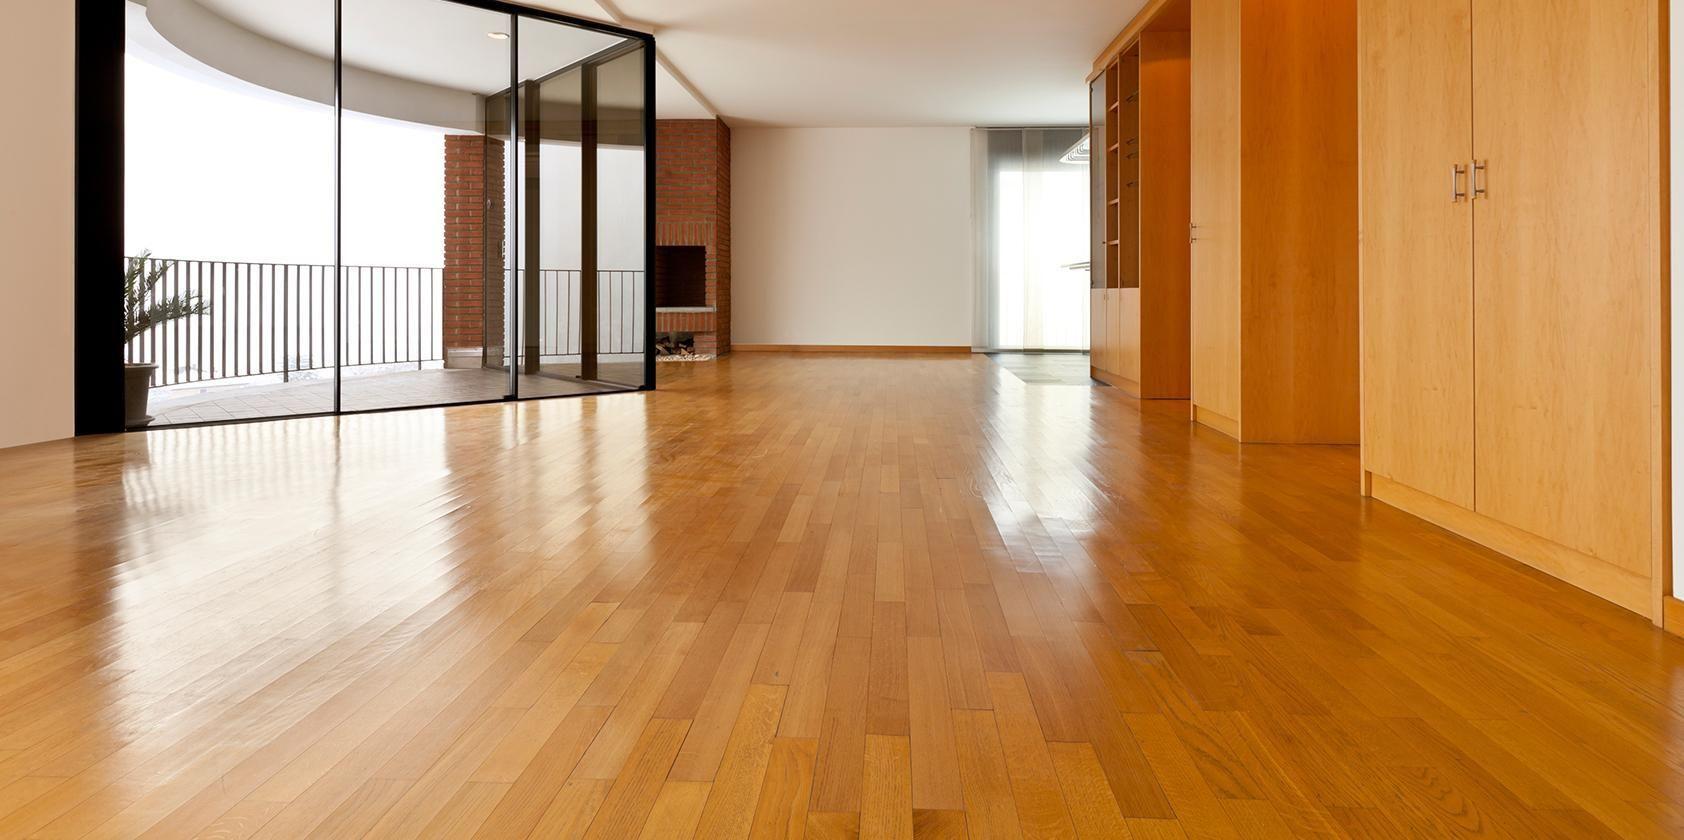 Wood Flooring Service | Valley Stream, NY 11580